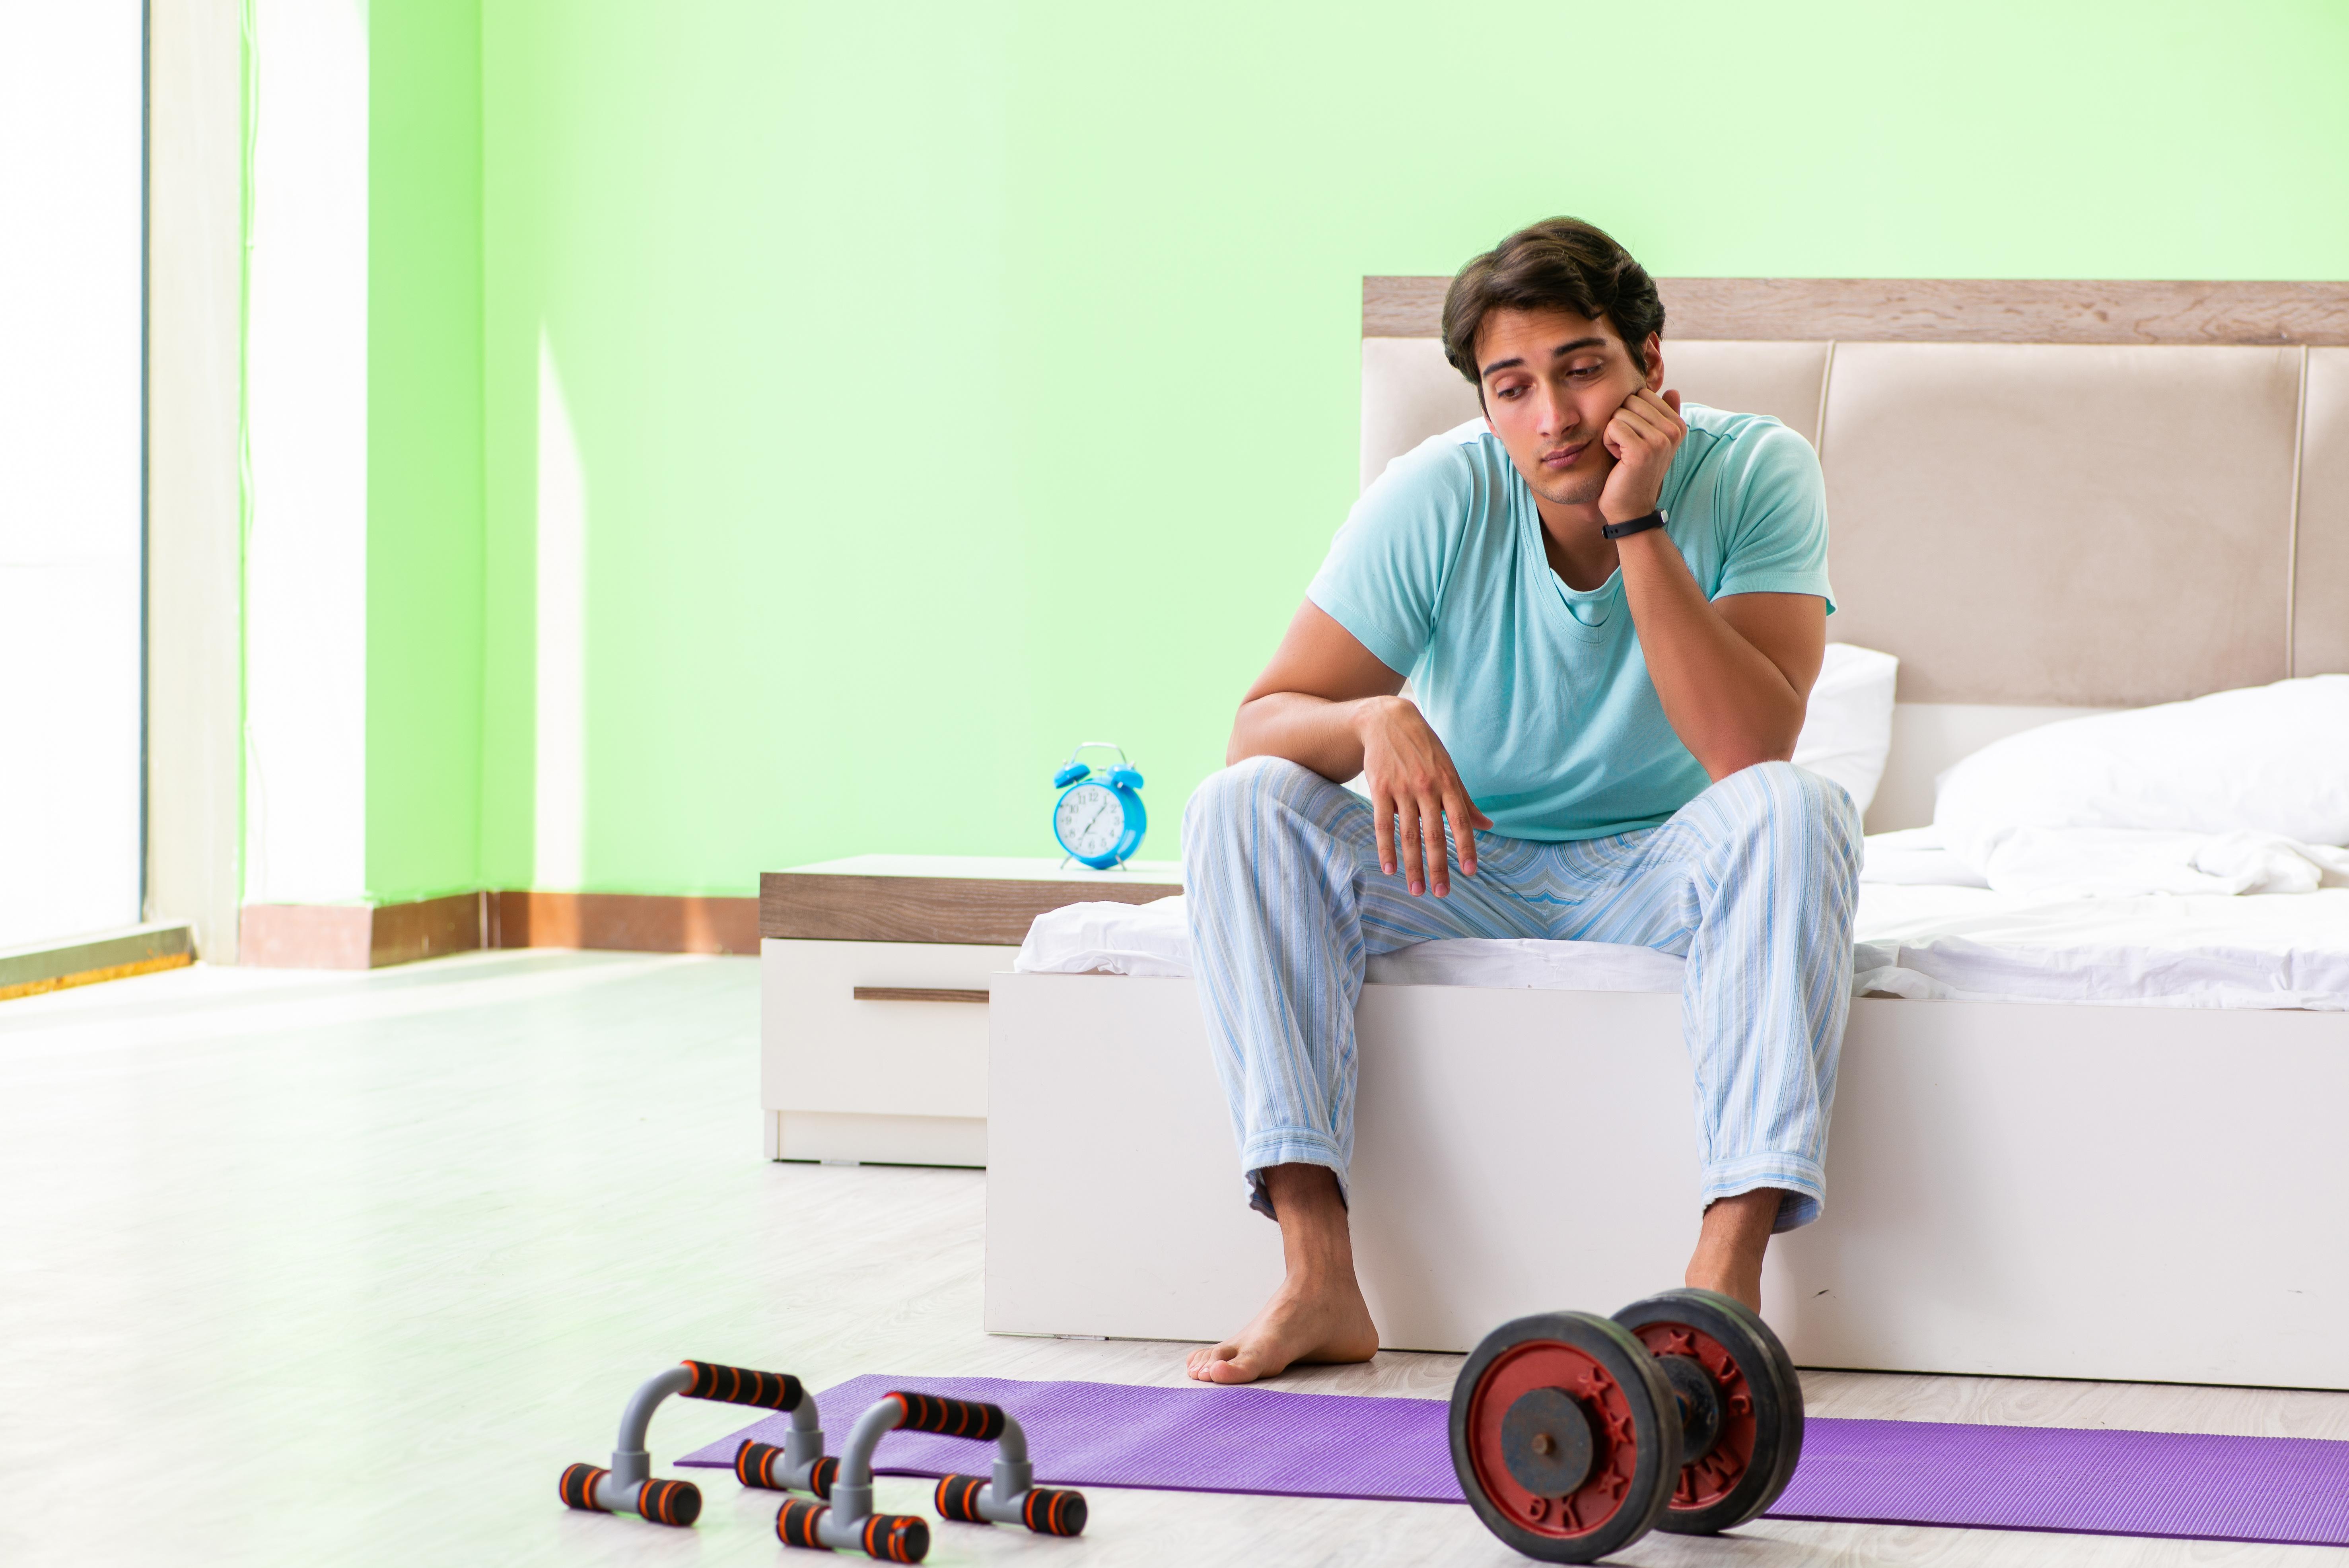 La pandémie a créé un paradoxe : la santé mentale est devenue à la fois un facteur de motivation et un obstacle à la pratique de l'activité physique (Visuel Fotolia)